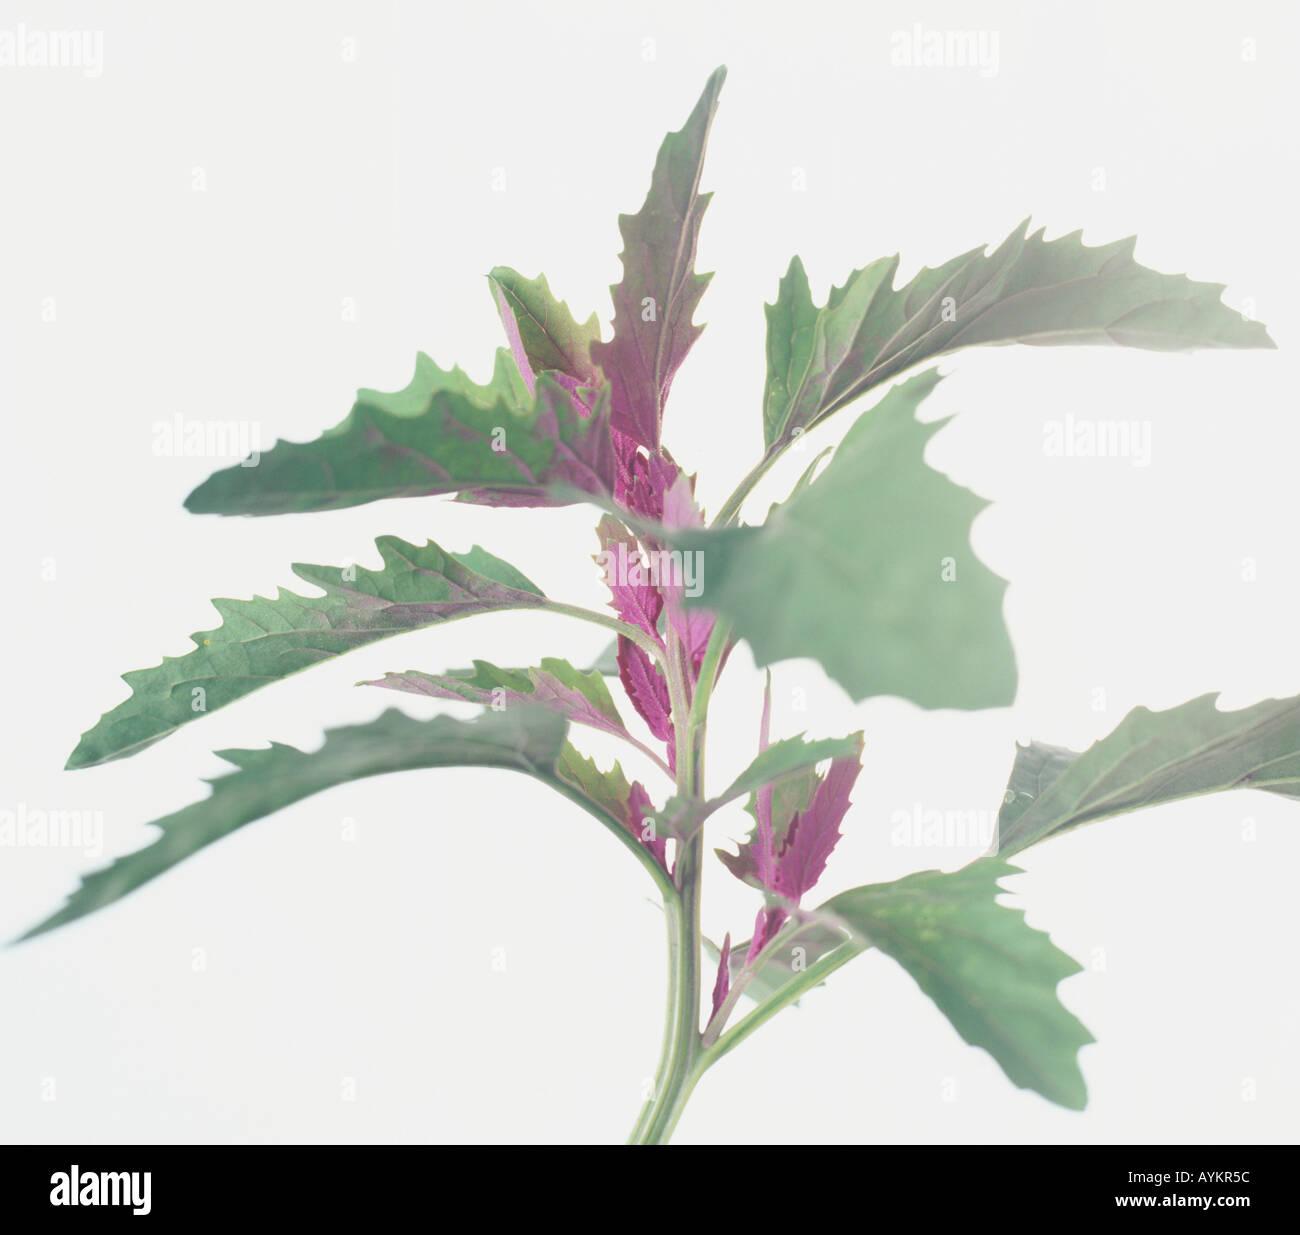 Arbre géant, épinards chénopode glabre (Chenopodium giganteum), bords dentelés et les jeunes feuilles couleur magenta Banque D'Images